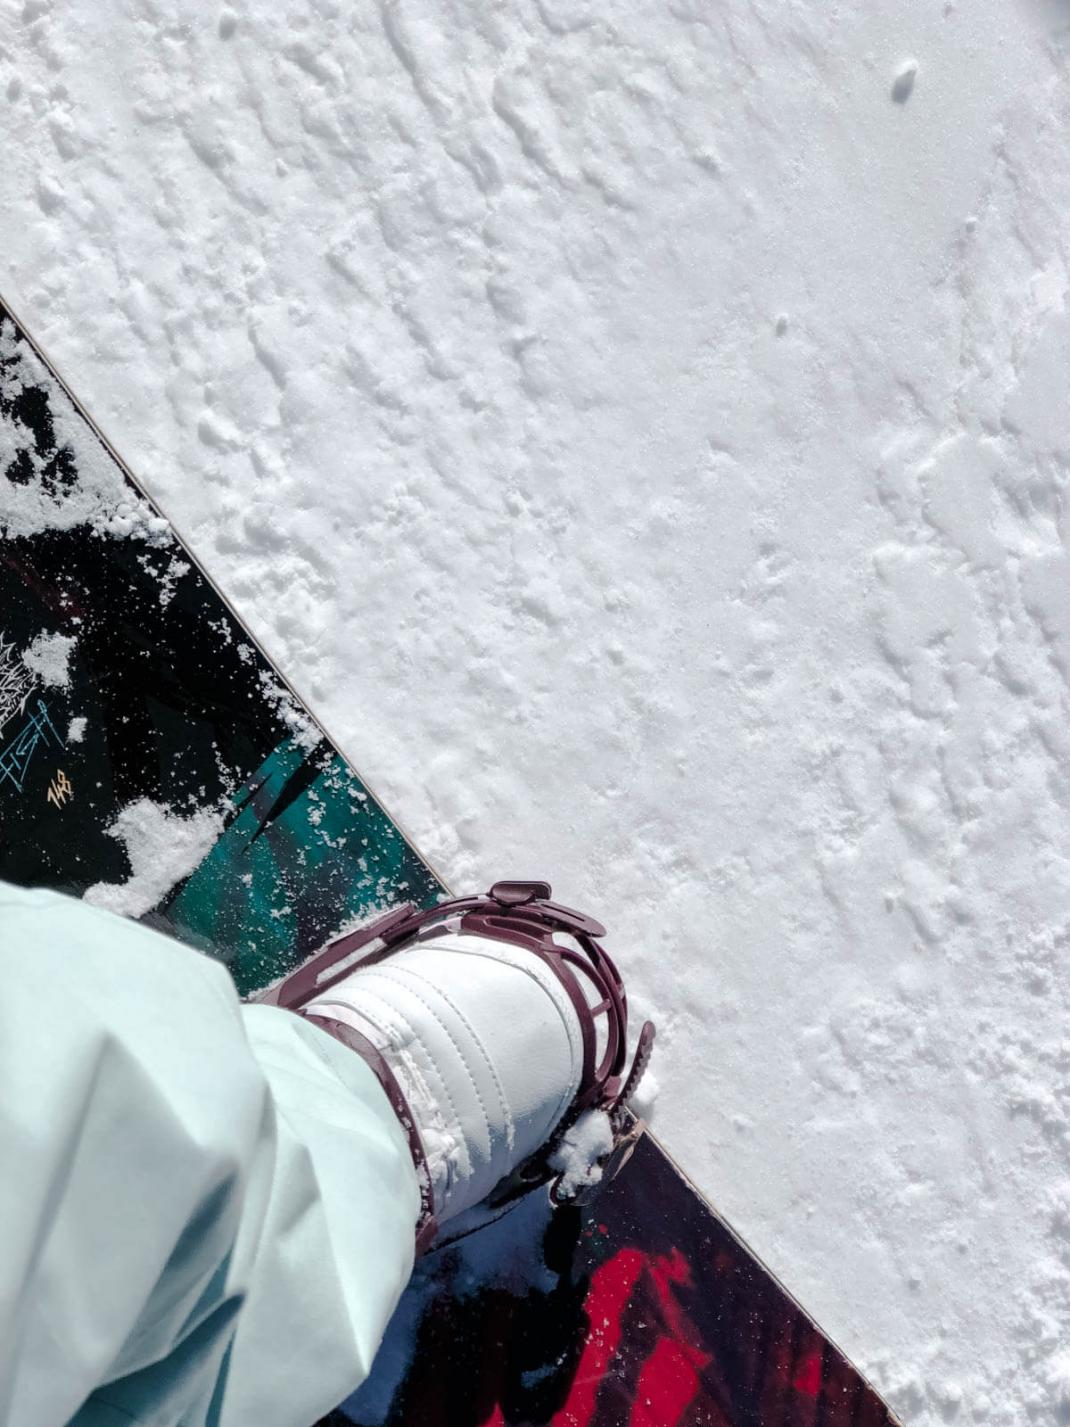 Das kostet der Skiurlaub in Kanada Snowboard mit Boots und Bindung